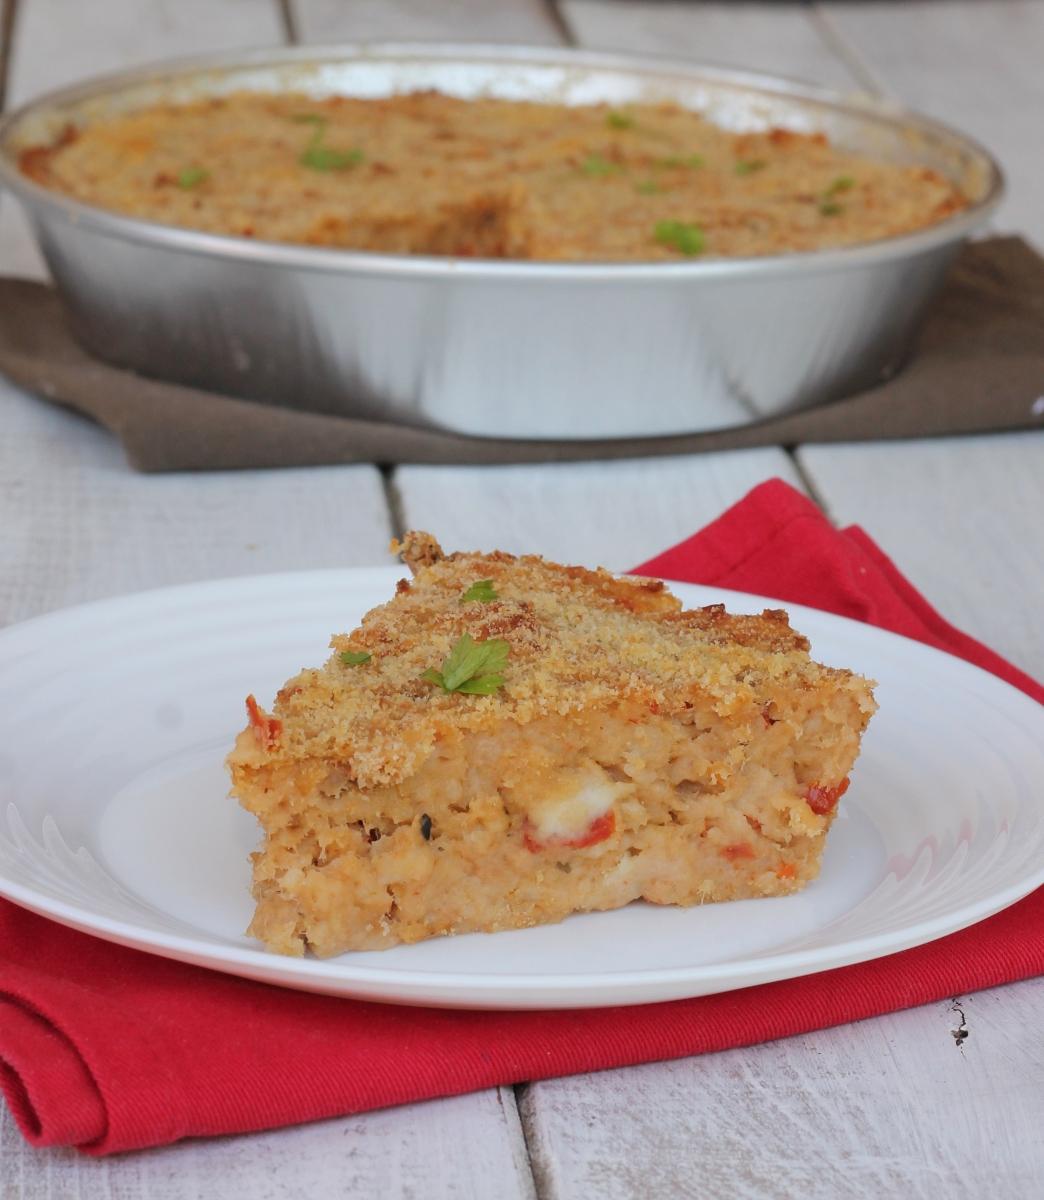 come riutilizzare il PANE RAFFERMO | ricetta torta di pane salata con tonno